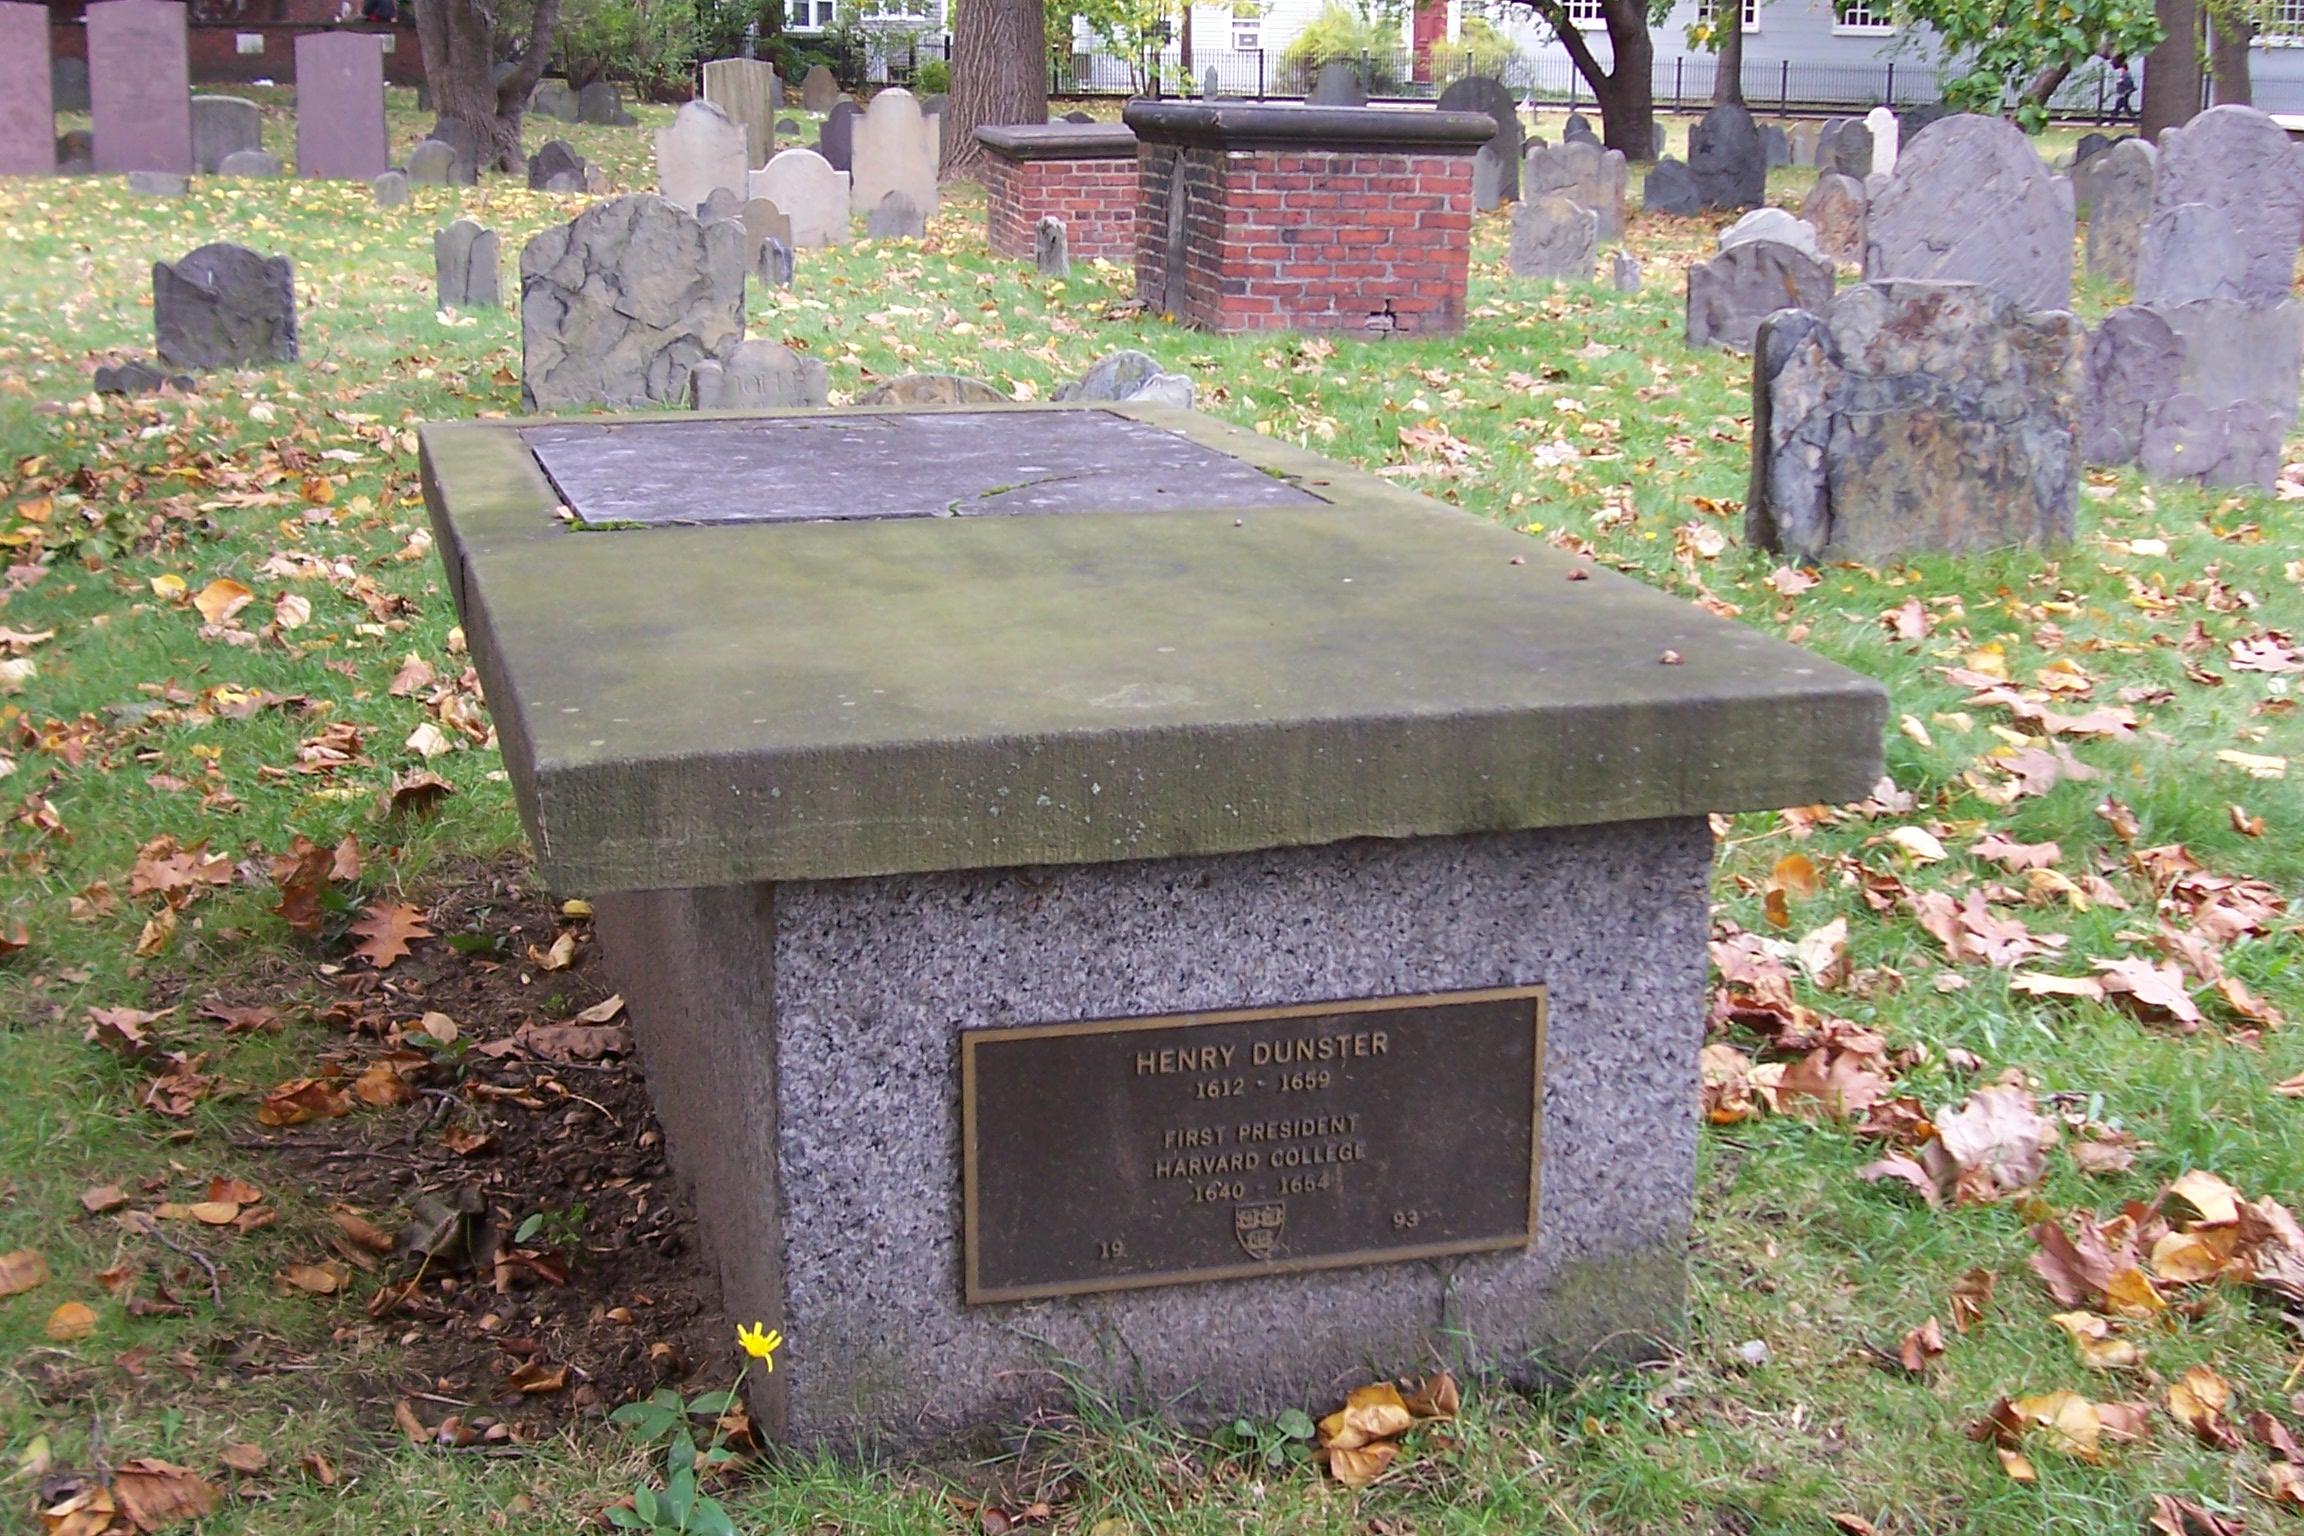 Henry Dunster's gravesite